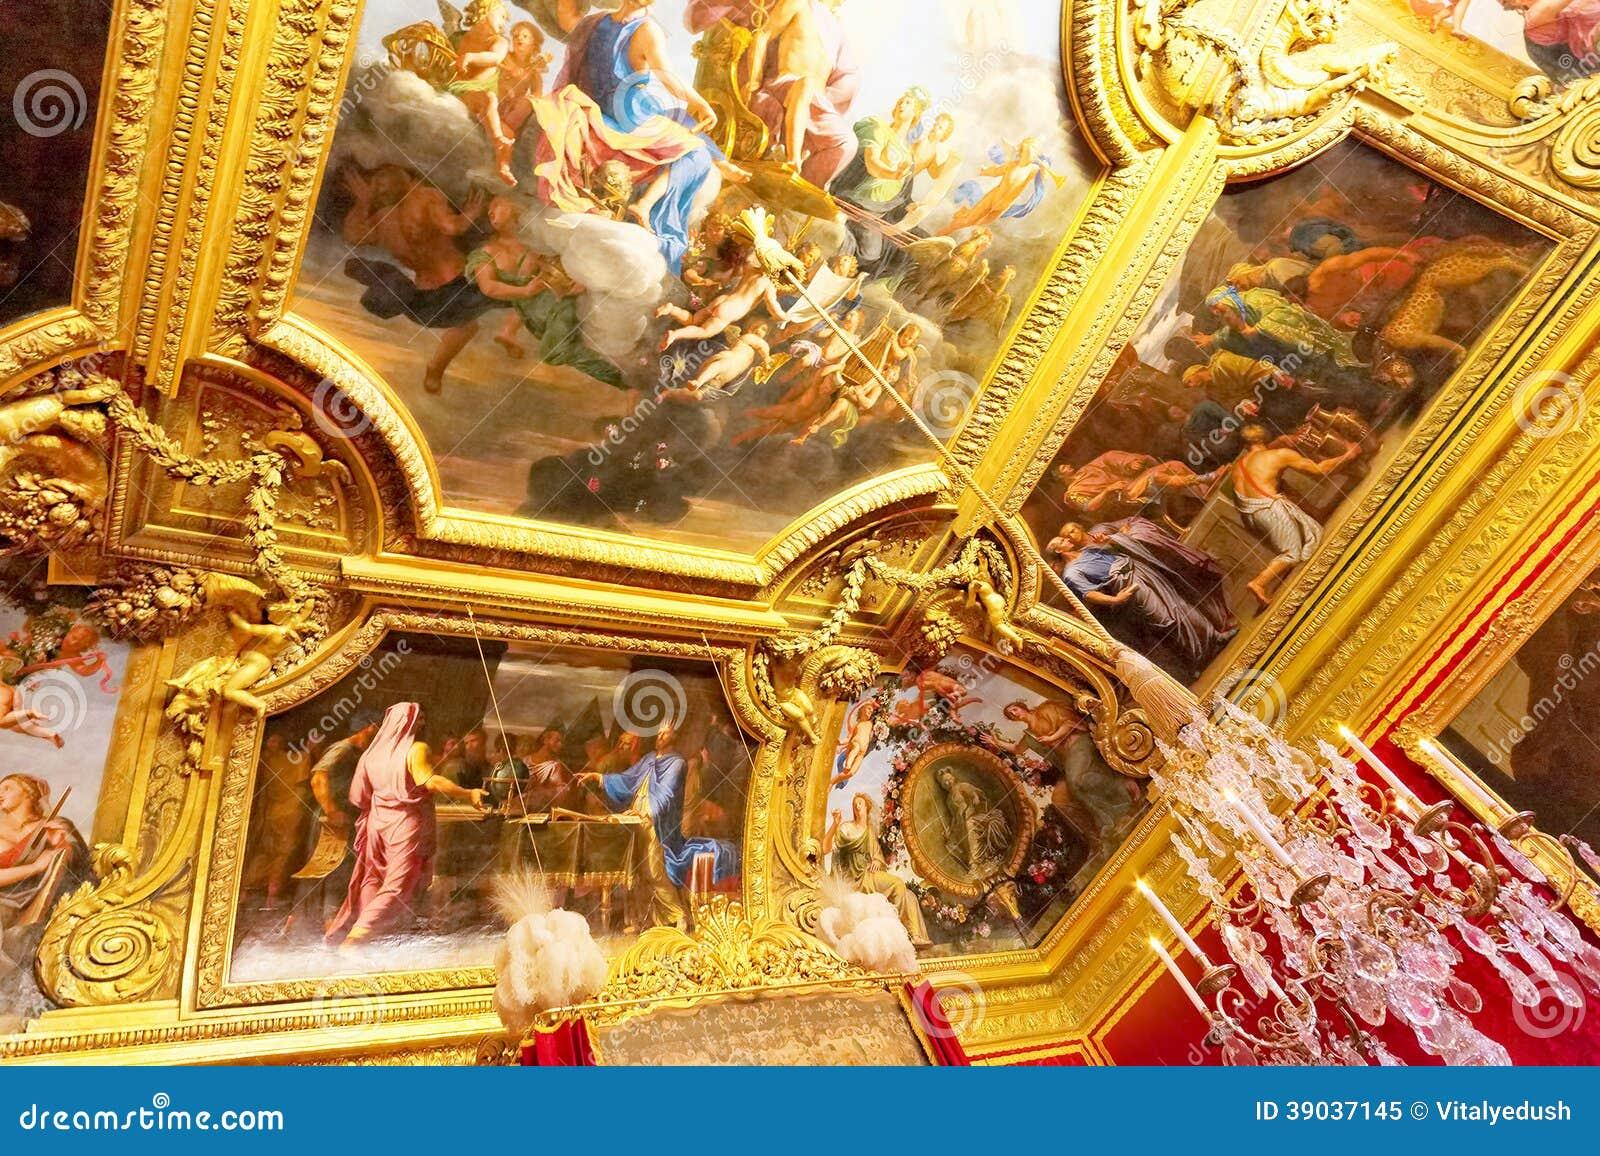 Ch teau int rieur de versailles image ditorial image for France interieur